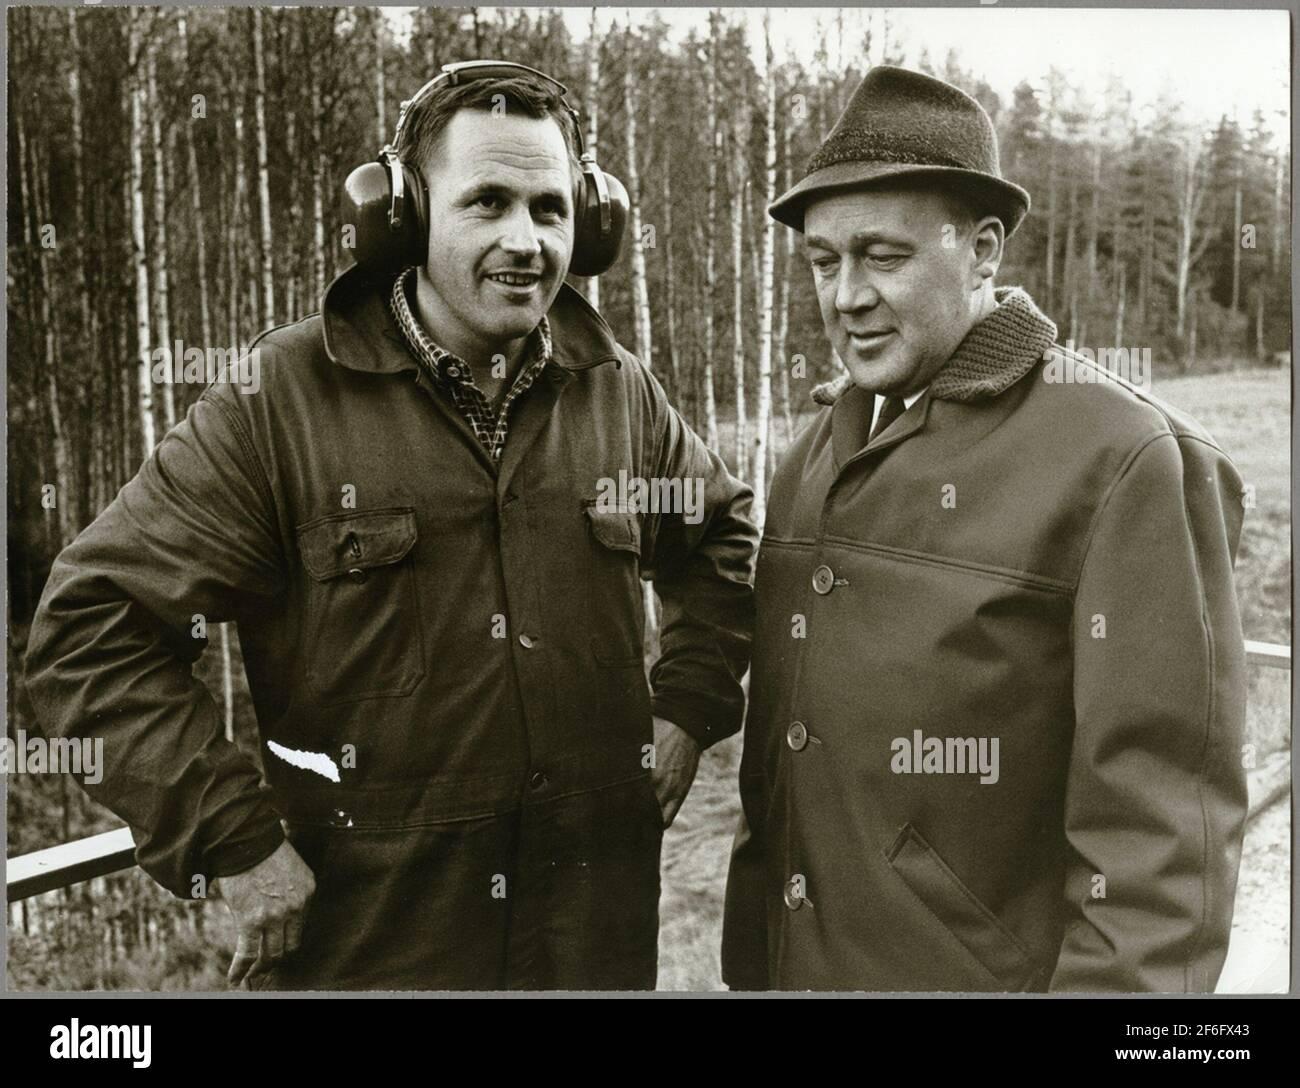 Gunnar Ndin y el Maestro Karl-Axel Gustavsson a lo largo de la vía férrea entre Harsjön y Bälgviken en 1967. Foto de stock